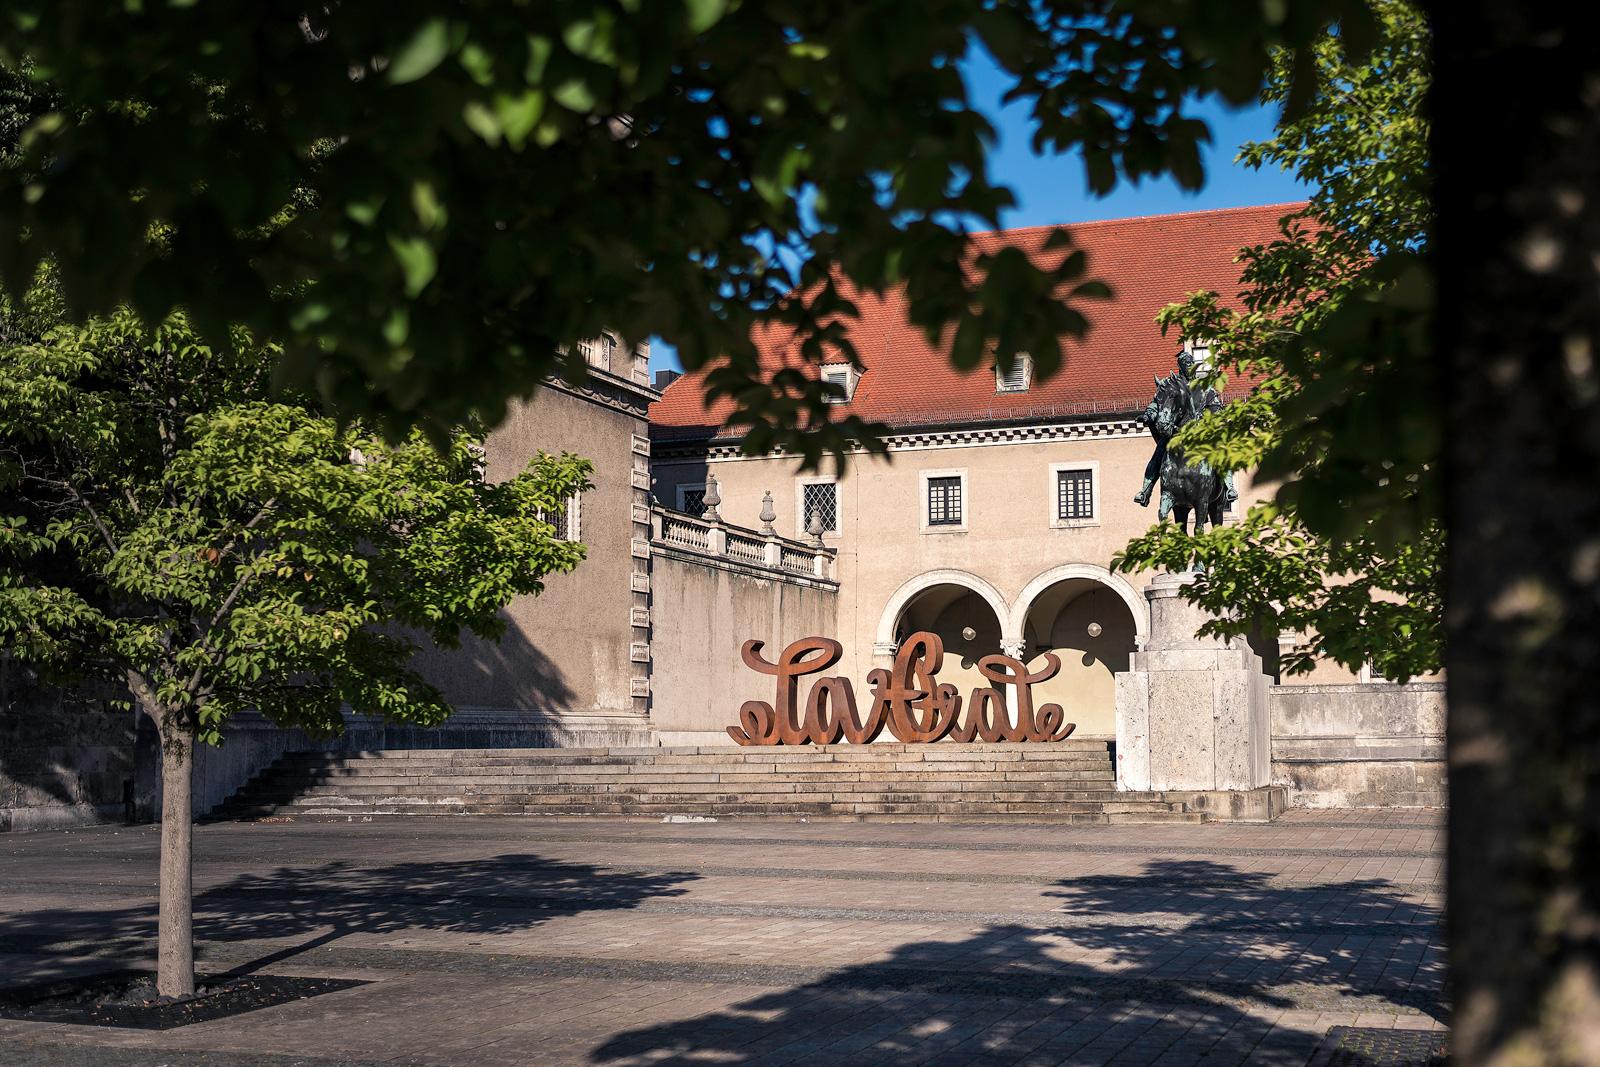 Love Hate Skulptur, Mia Florentine Weiss, Bayerisches Nationalmuseum